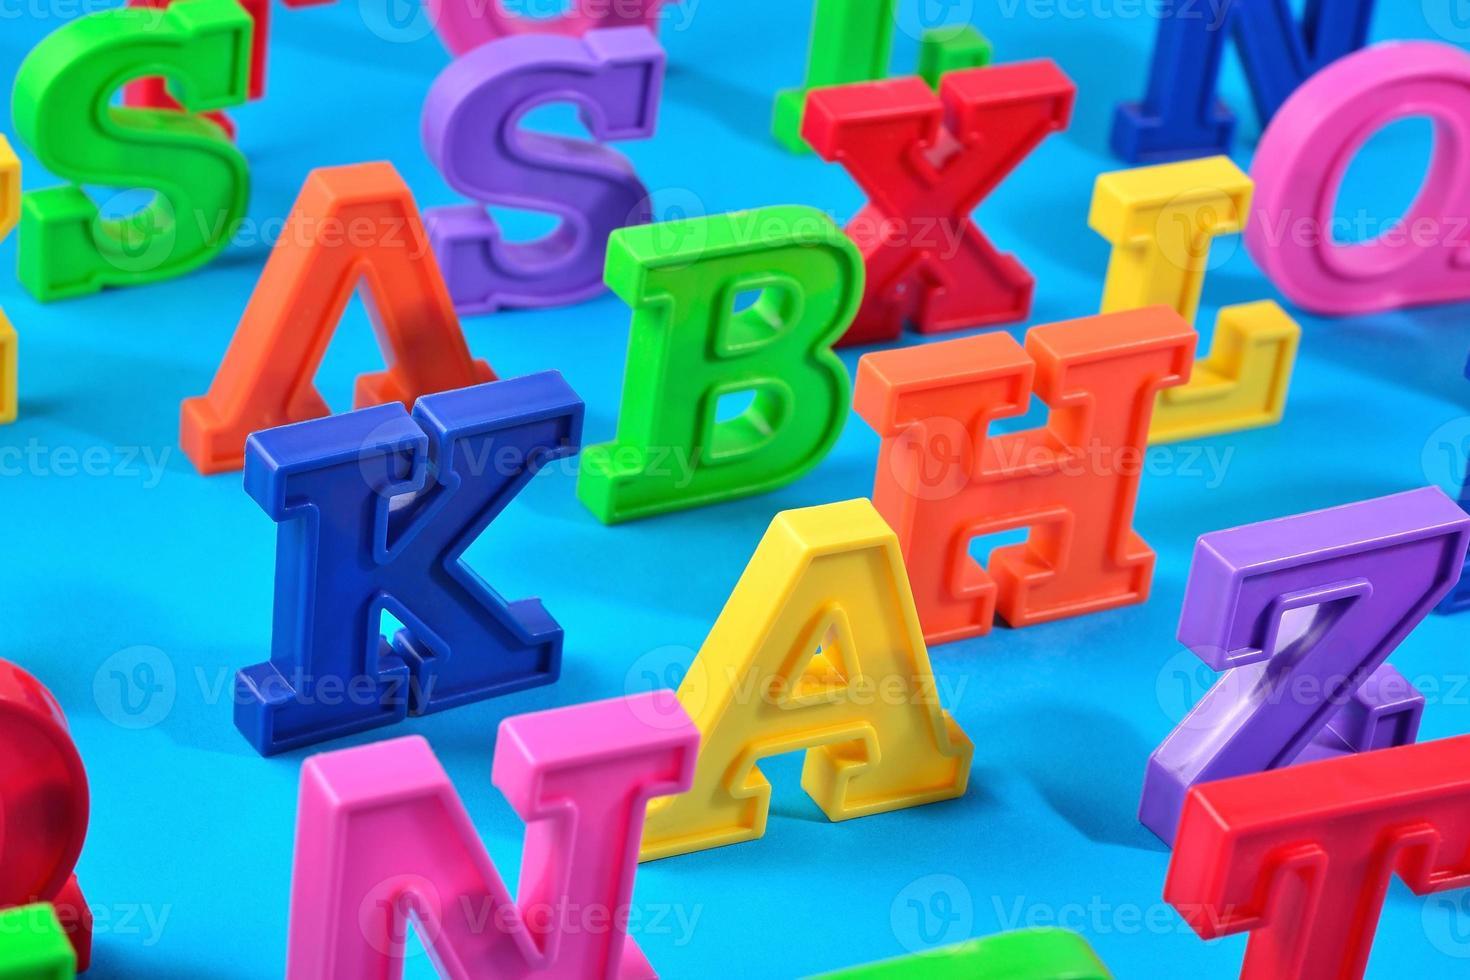 bunte Alphabetbuchstaben aus Kunststoff auf blauem Grund foto